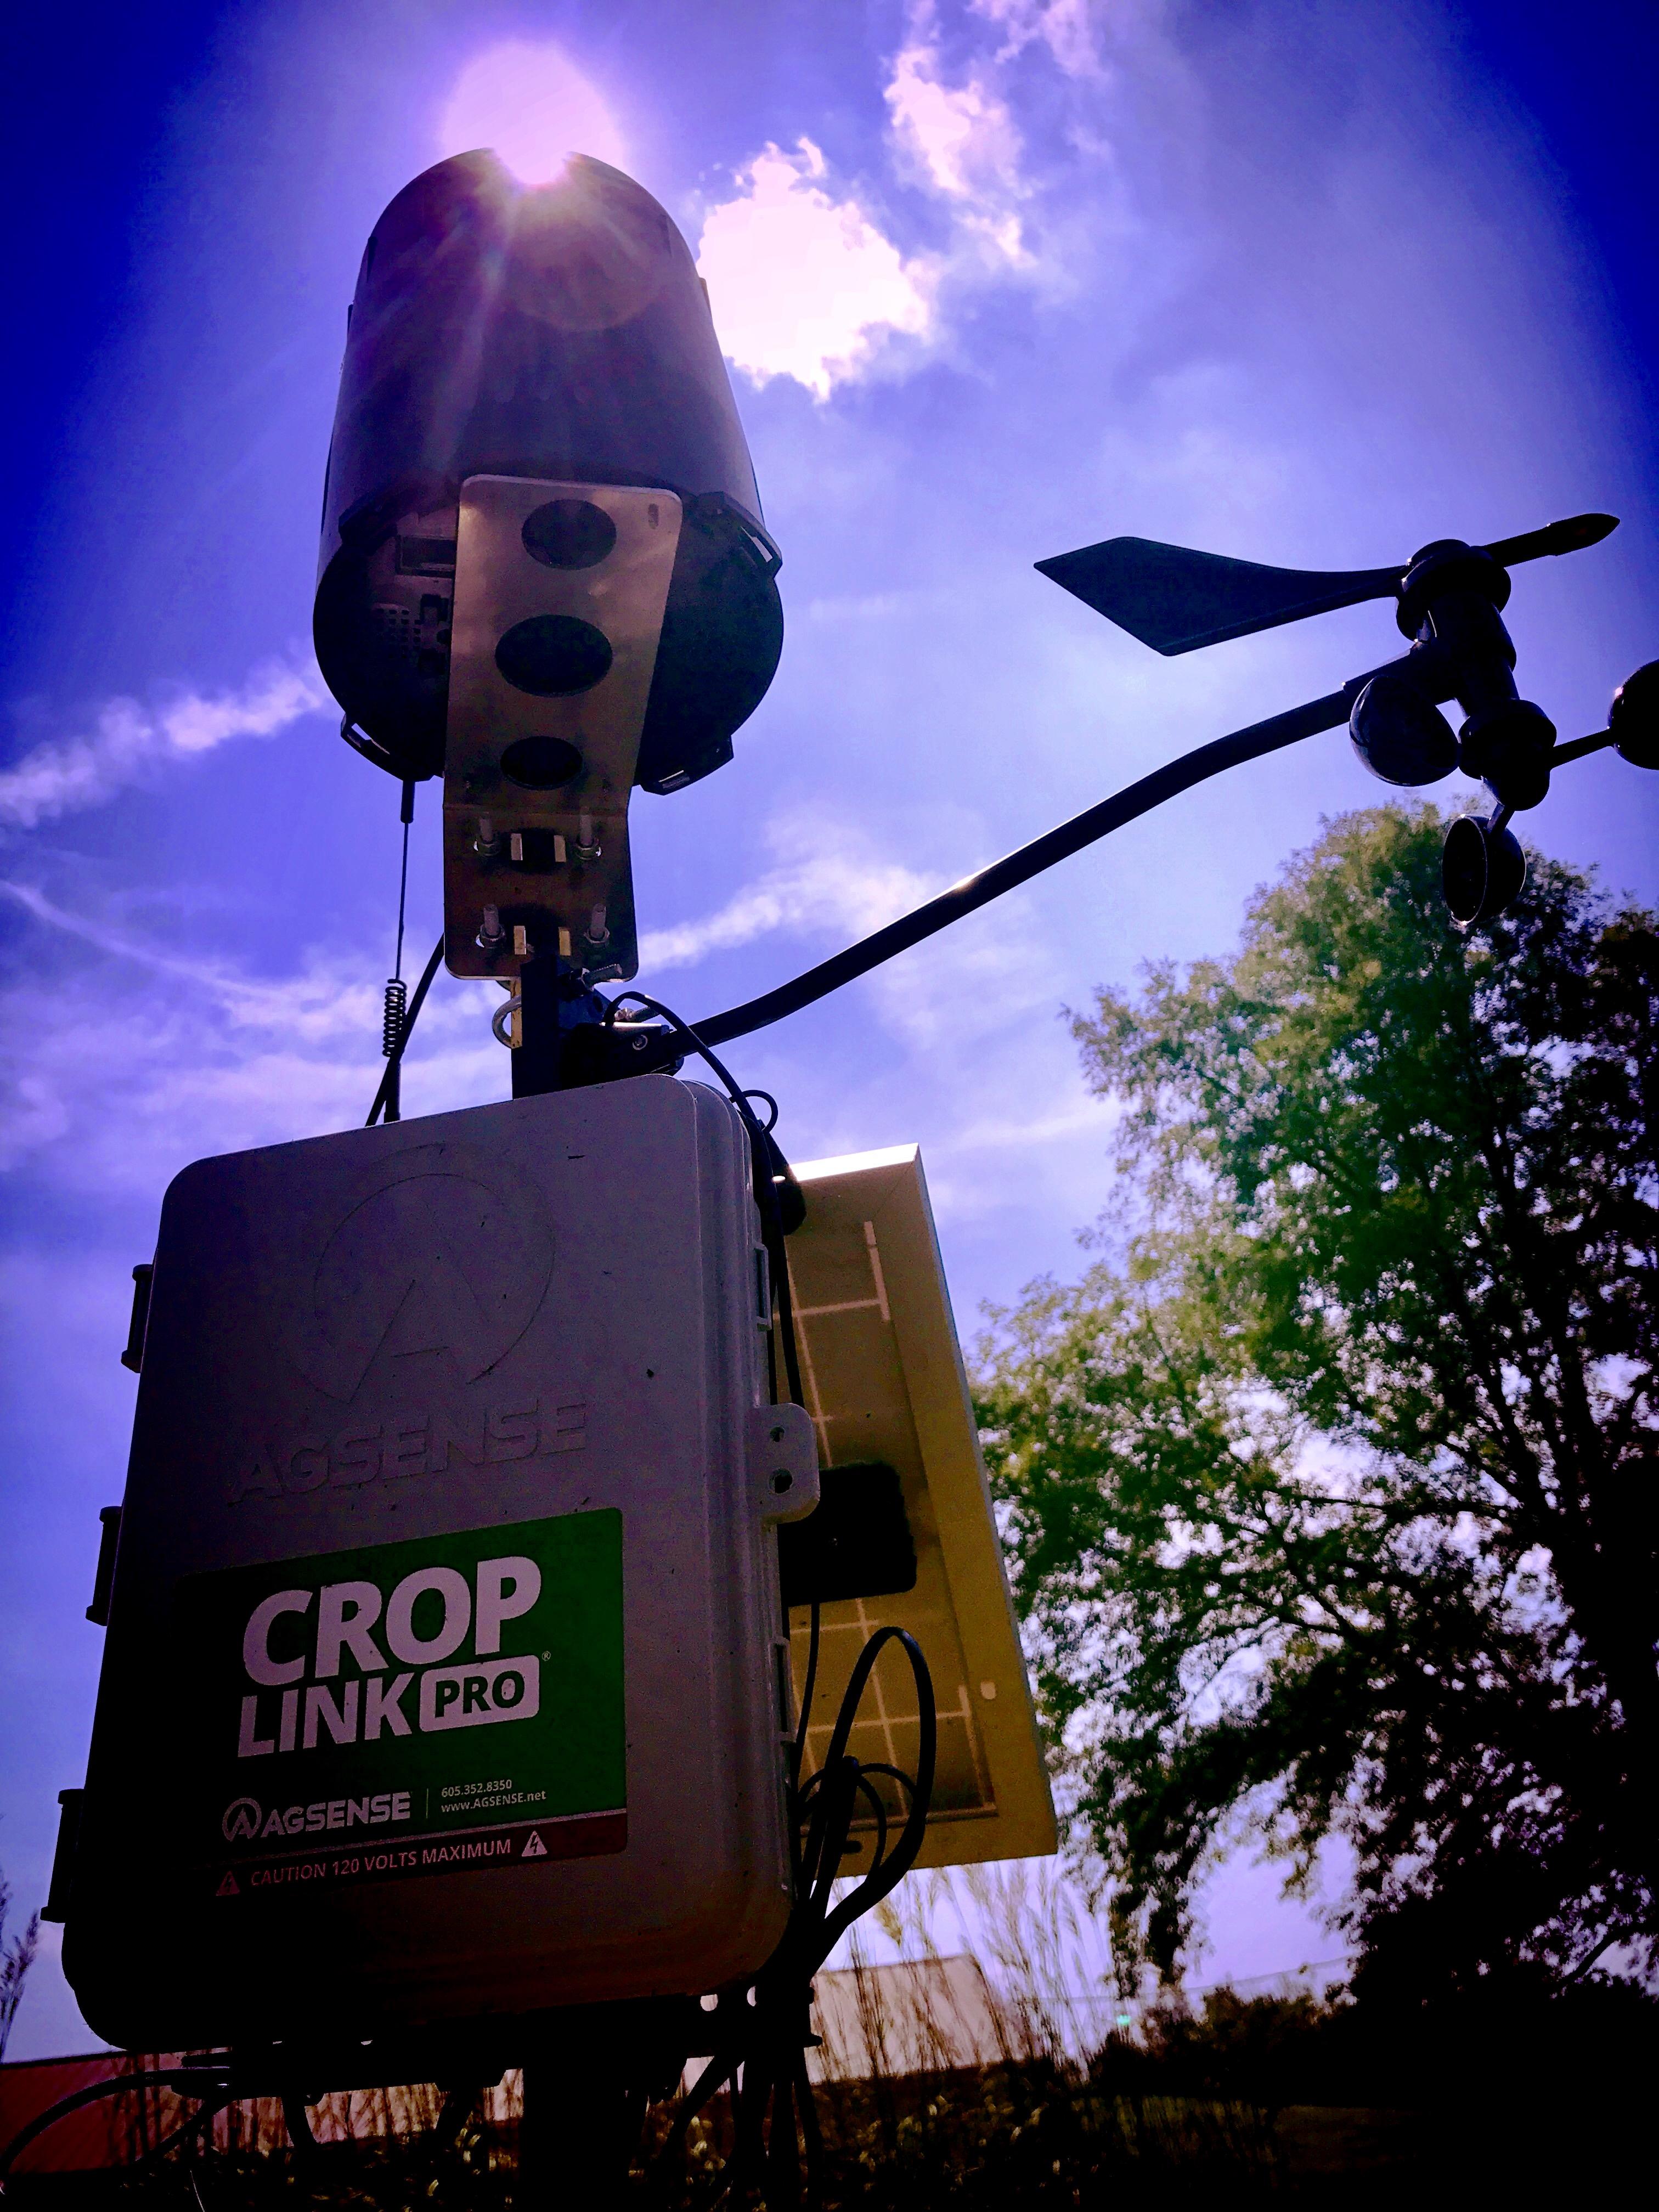 crop link